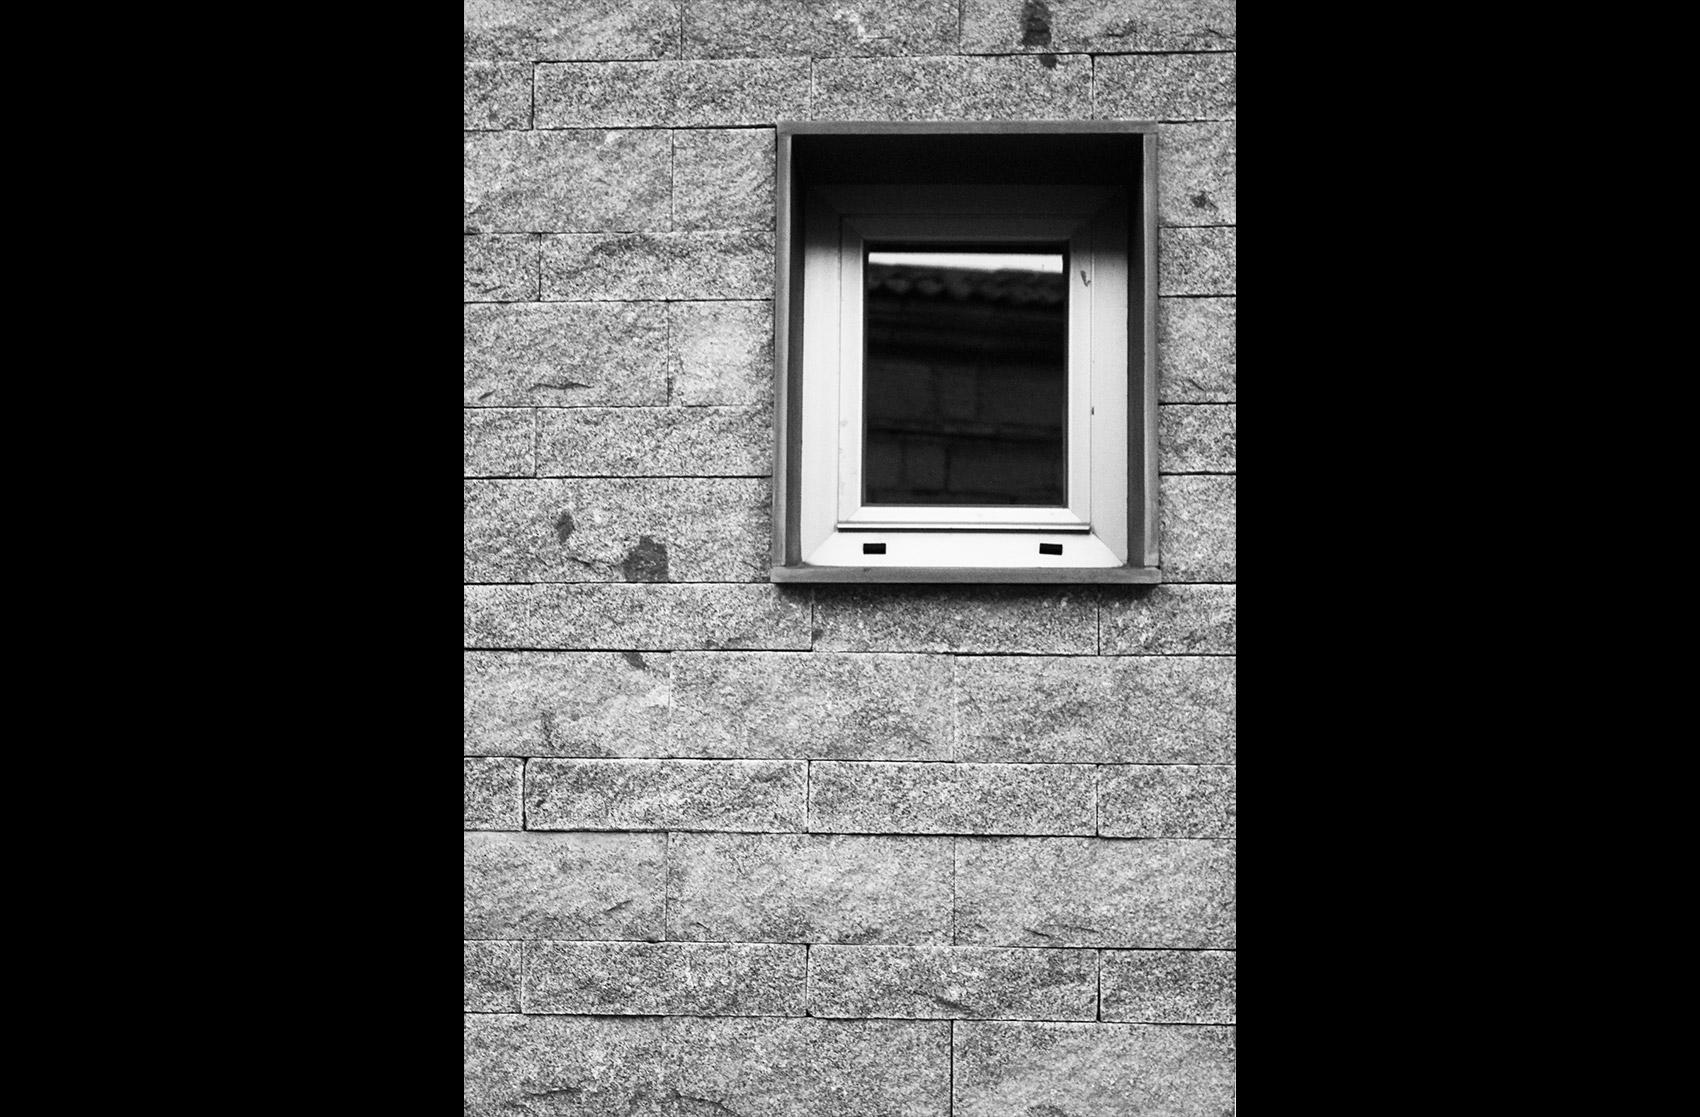 ventana exterior centro cultural Navas de San Antonio